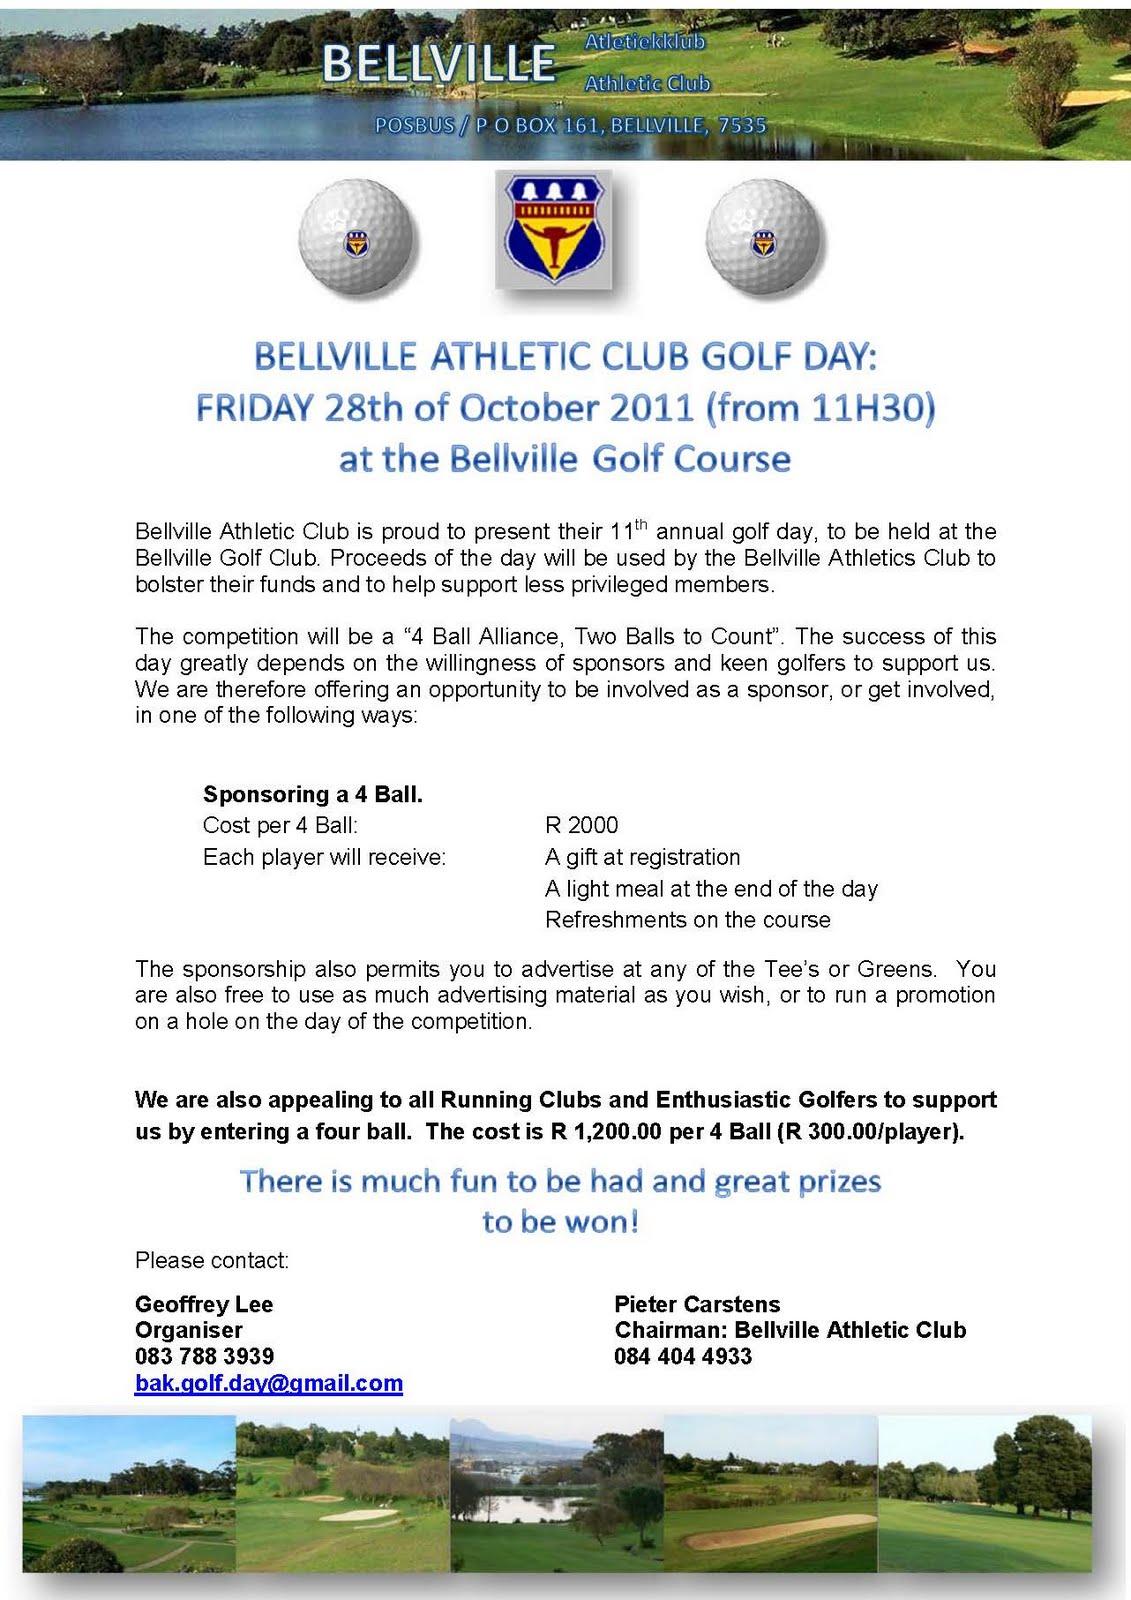 http://2.bp.blogspot.com/-e-YOsdRmtnA/Tpw6Qq5NNlI/AAAAAAAAESA/37VXjkHdQVs/s1600/2011+Bellville+Athletic+Club+Golfday.jpg